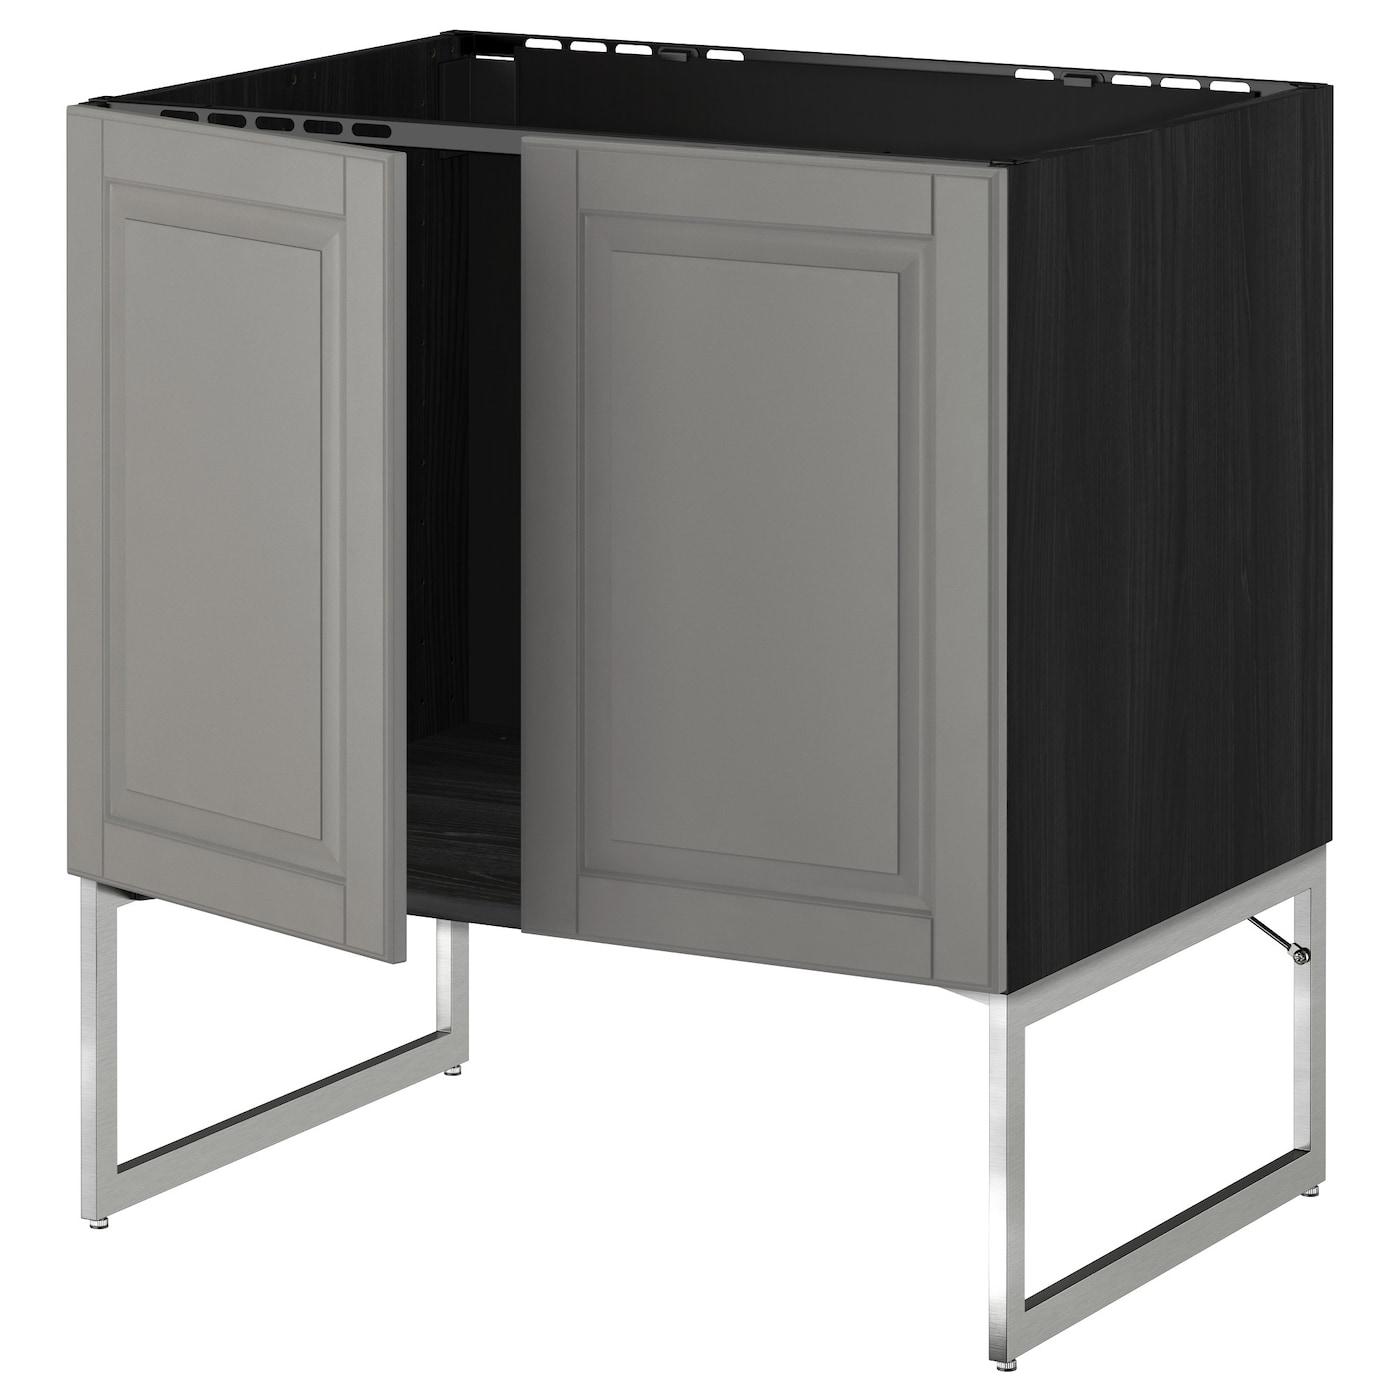 Metod Base Cabinet For Sink 2 Doors Black Bodbyn Grey 80x60x60 Cm Ikea